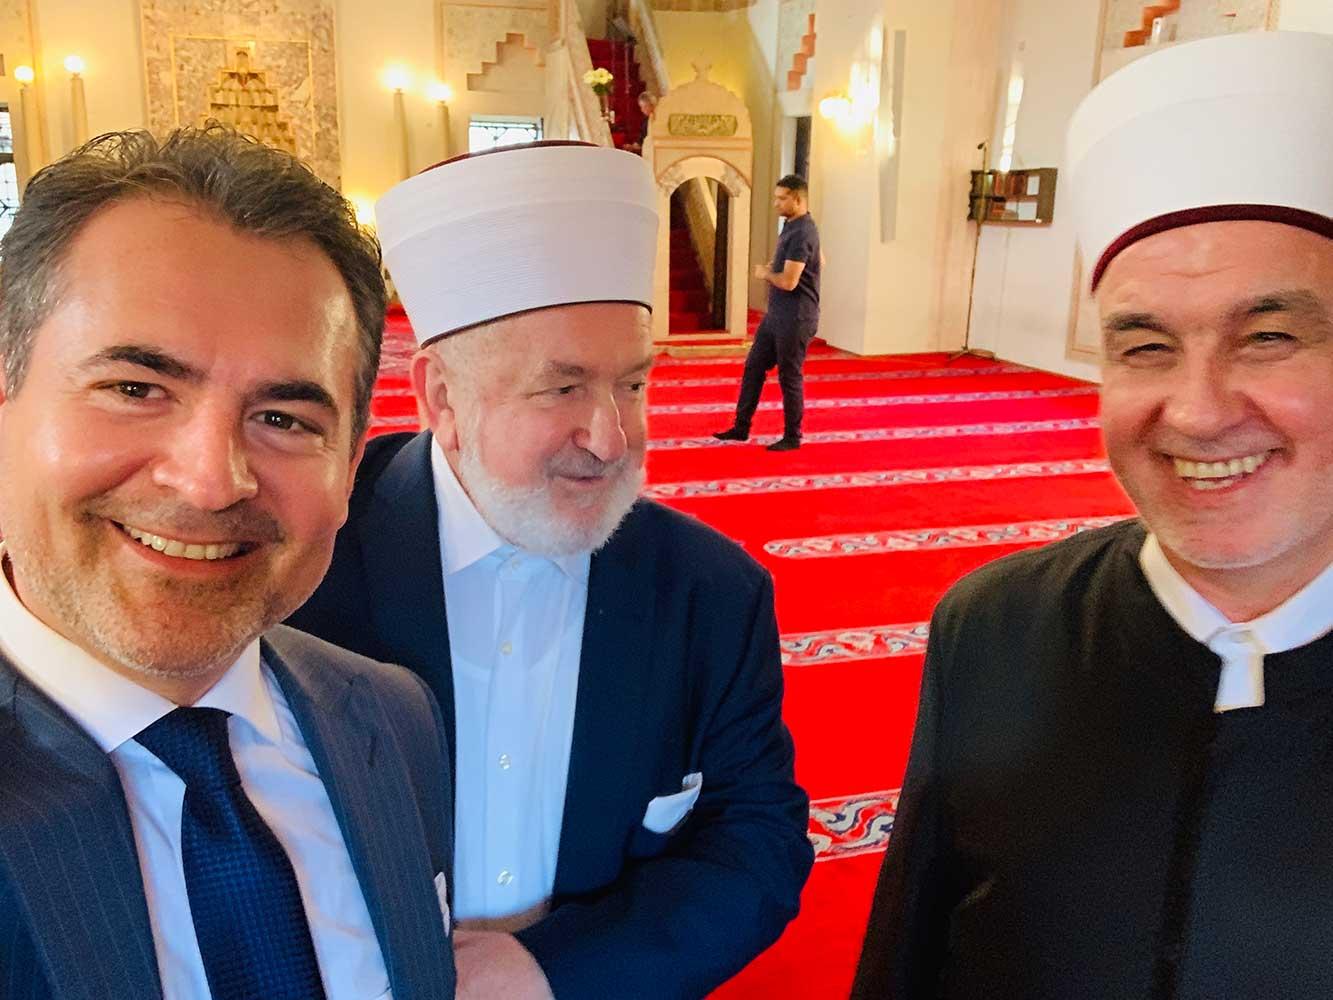 Mit den Großmuftis von Bosnien und Herzegowina, Dr. Mustafa Ceric und Dr. Husein Kavazovic